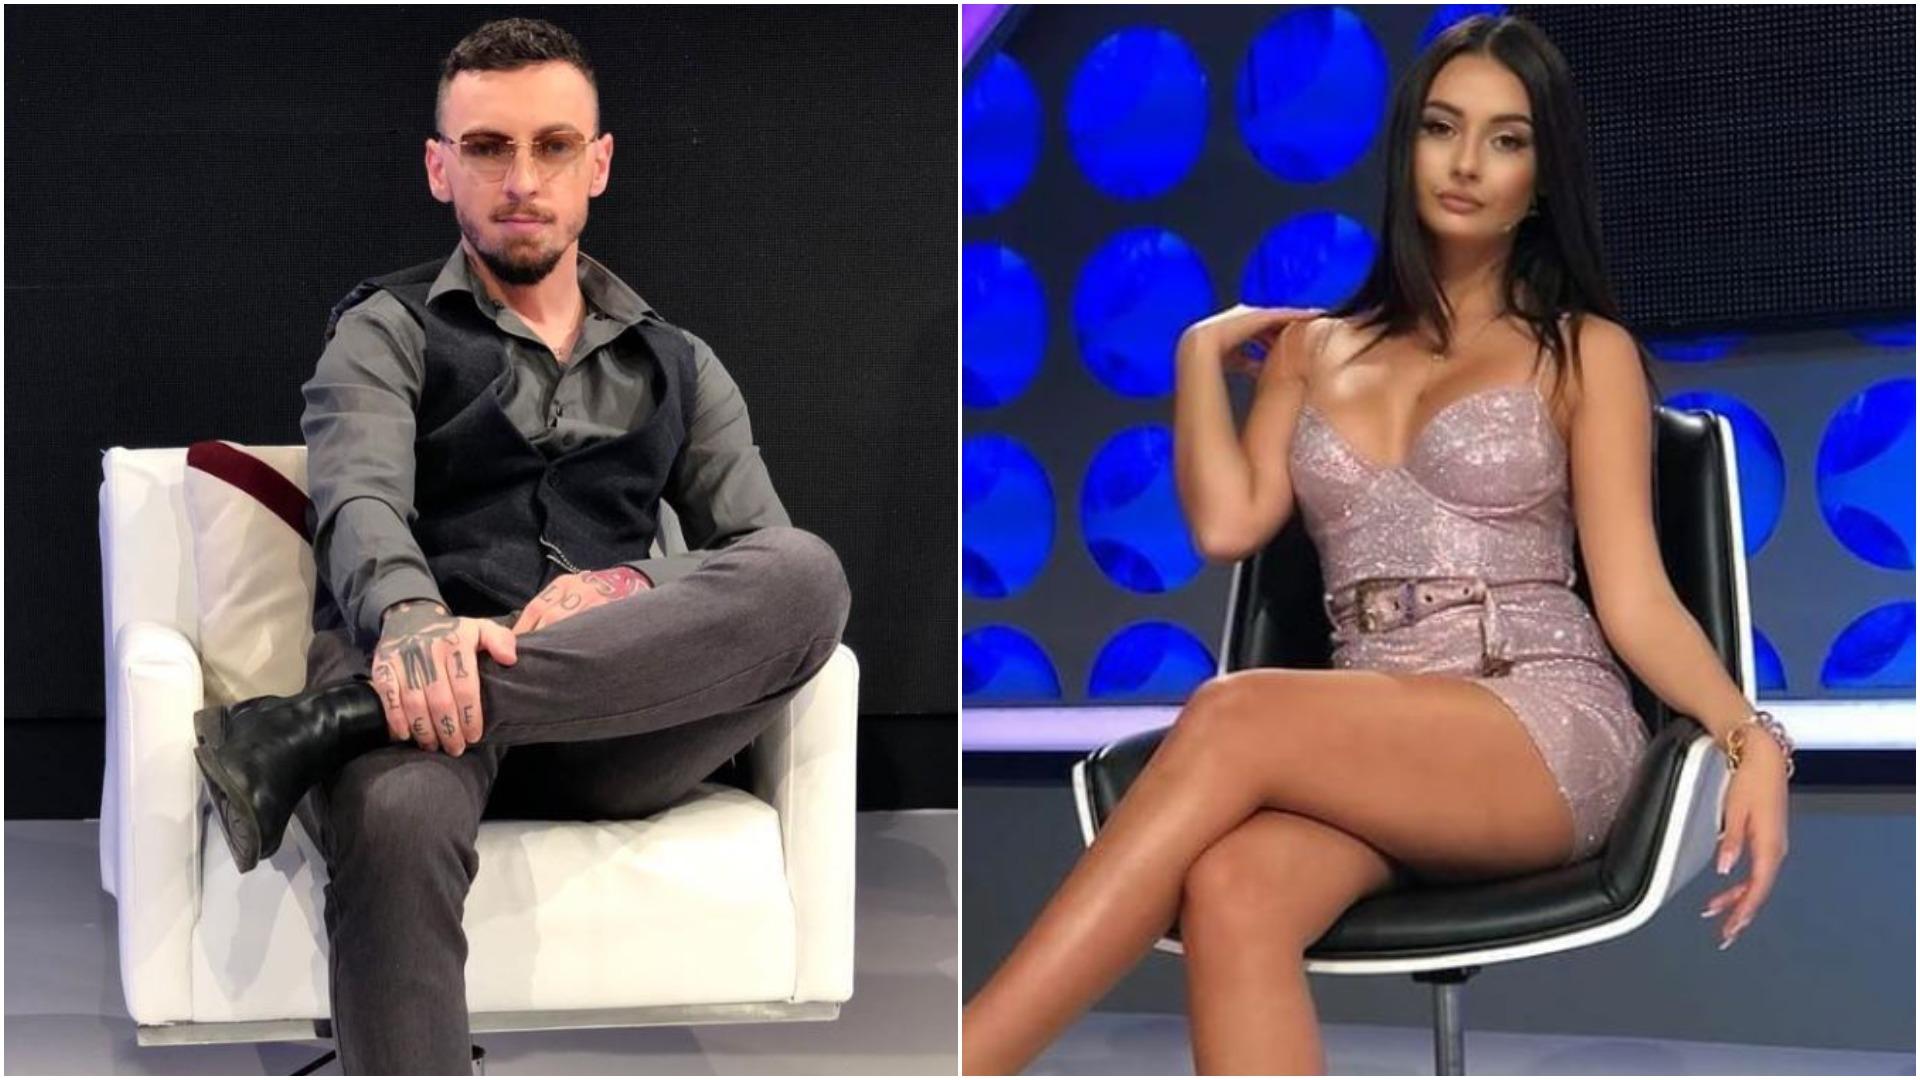 """""""Zonjë në rrugë dhe bushtër në shtëpi""""- Konkurrenti i """"Përputhen"""" e tha troç se si e do femrën e tij në takimin me Ana Kaurin"""